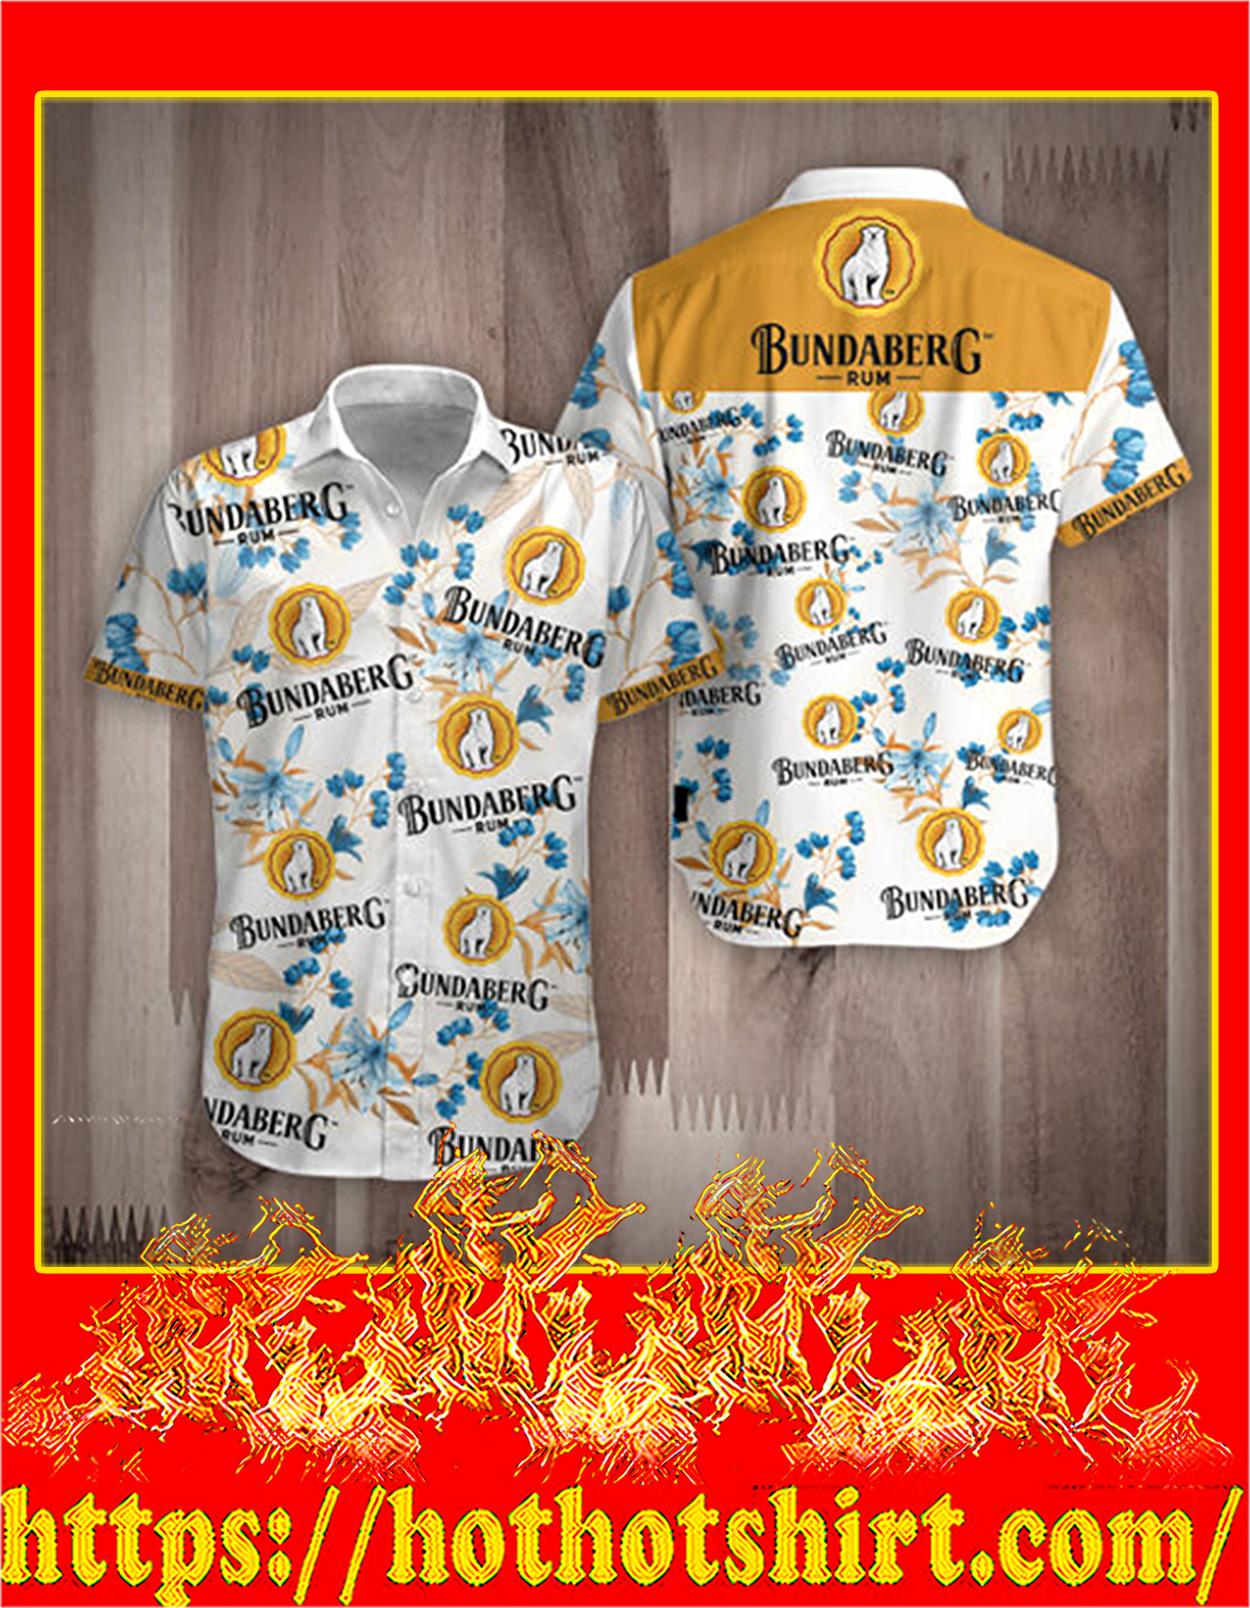 Rum Bundaberg hawauuan shirt - detail